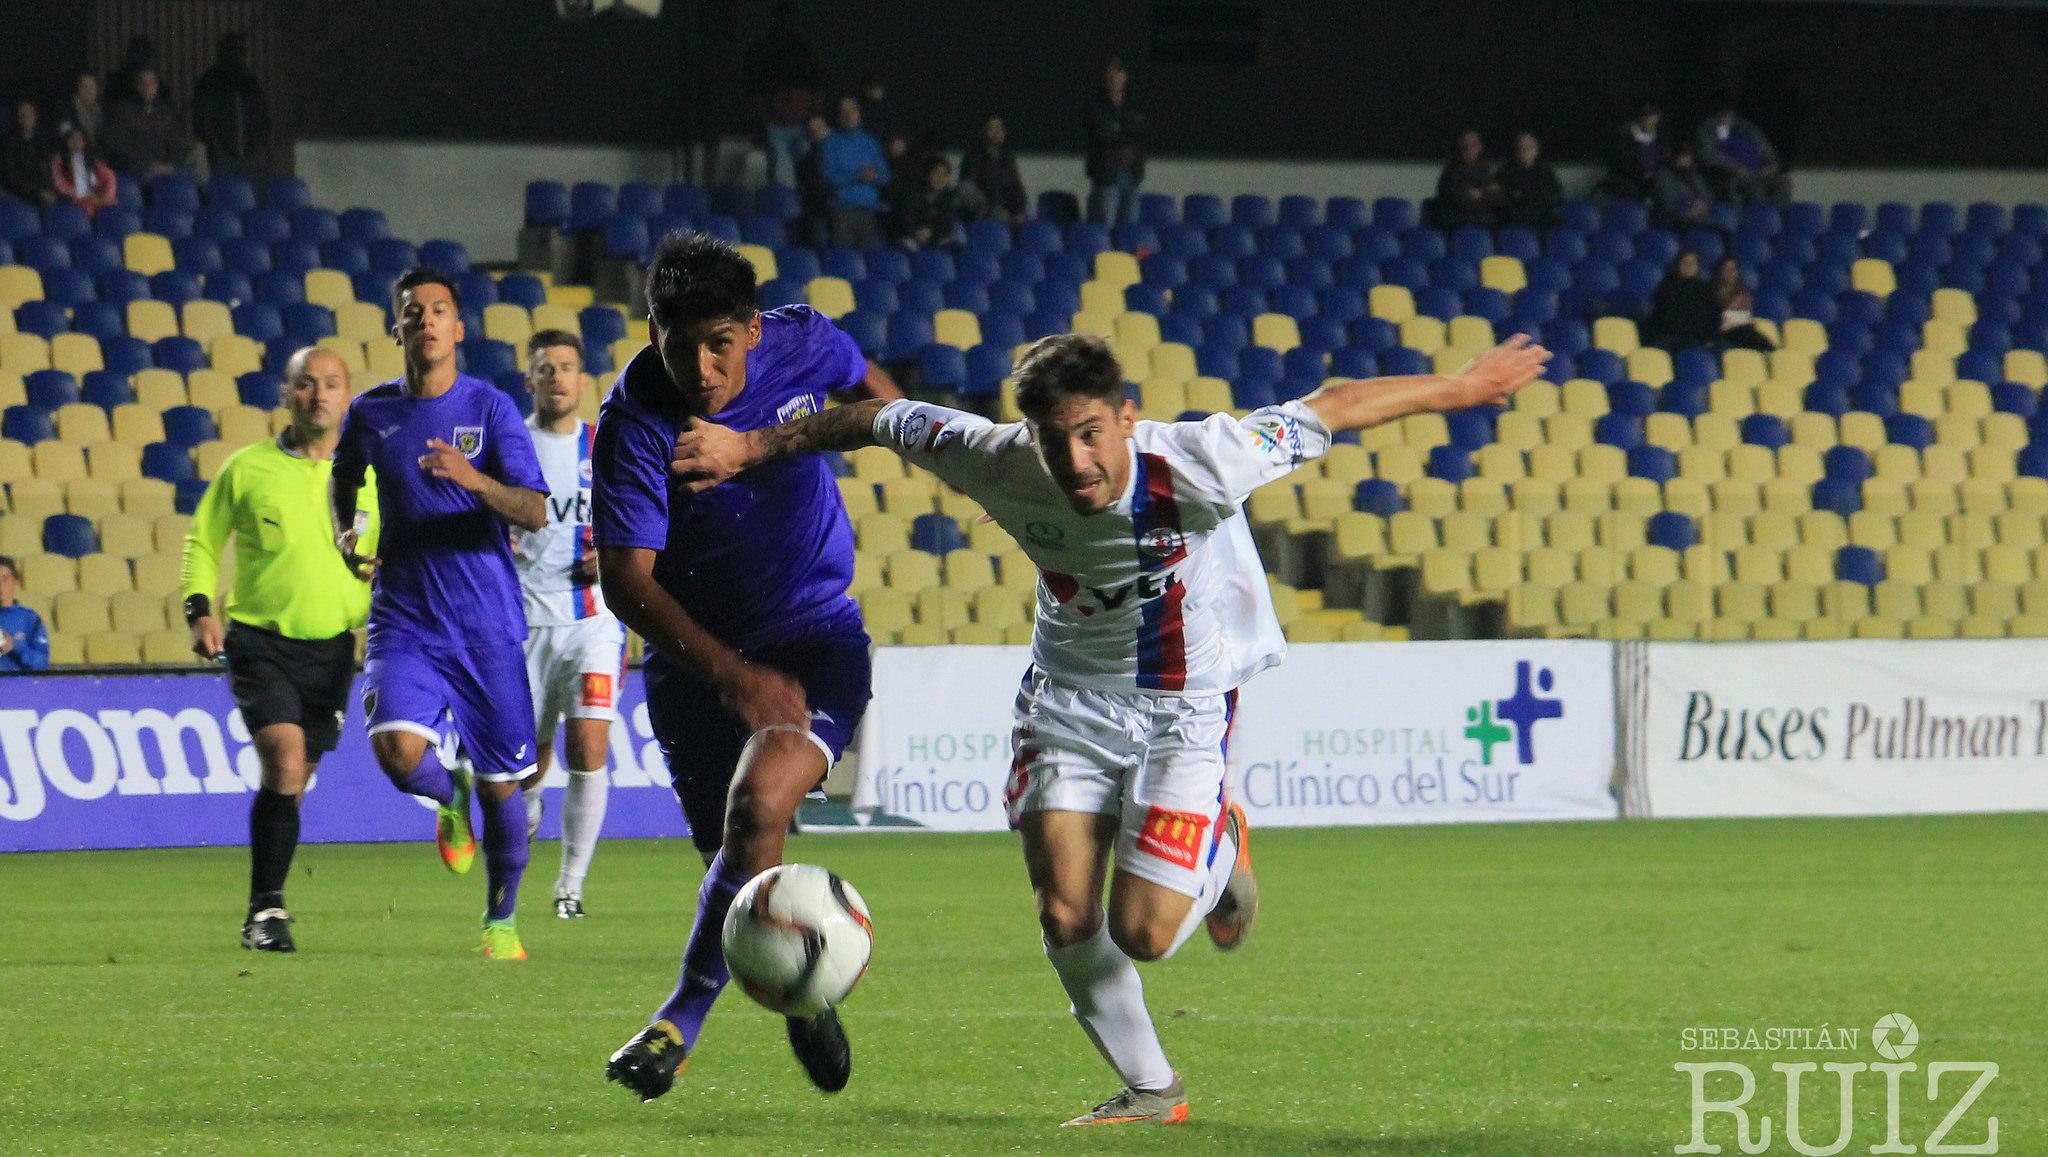 Galería de fotos: Deportes Concepción vs Iberia